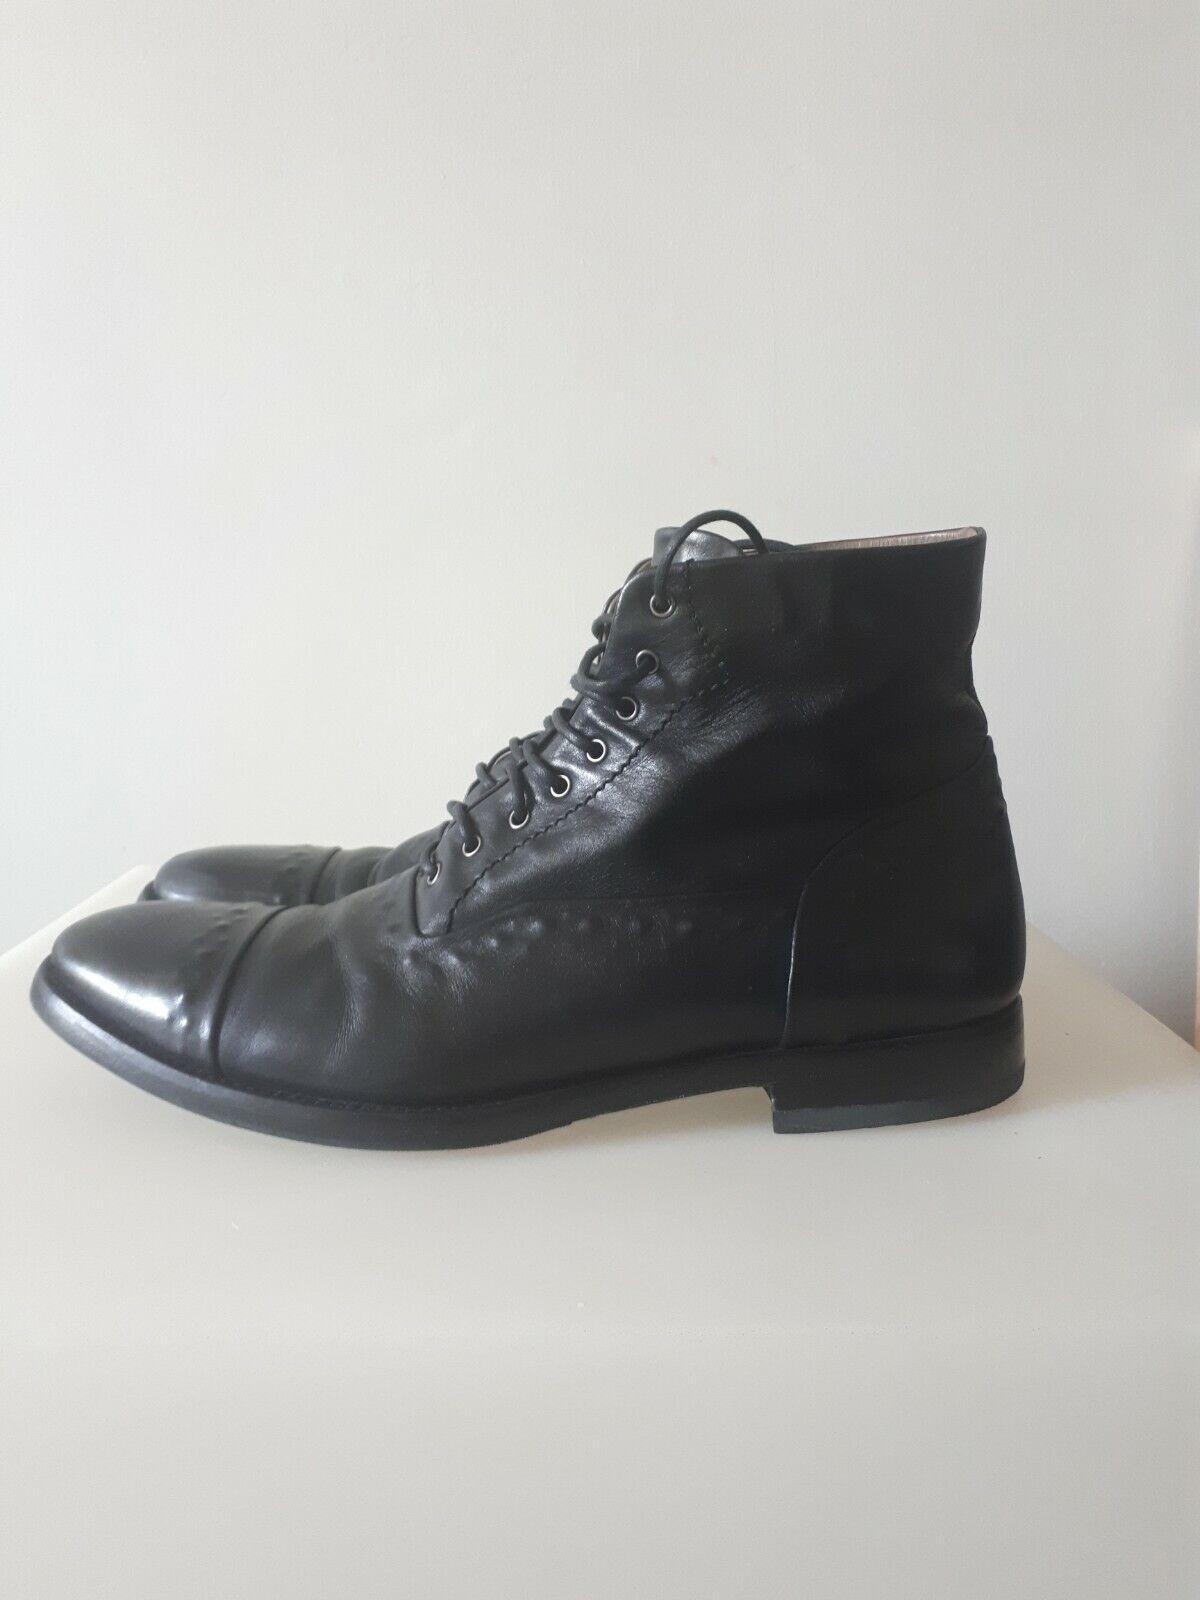 Alexander McQueen Chaussures en Cuir en Noir Taille 41 UE - 7 UK